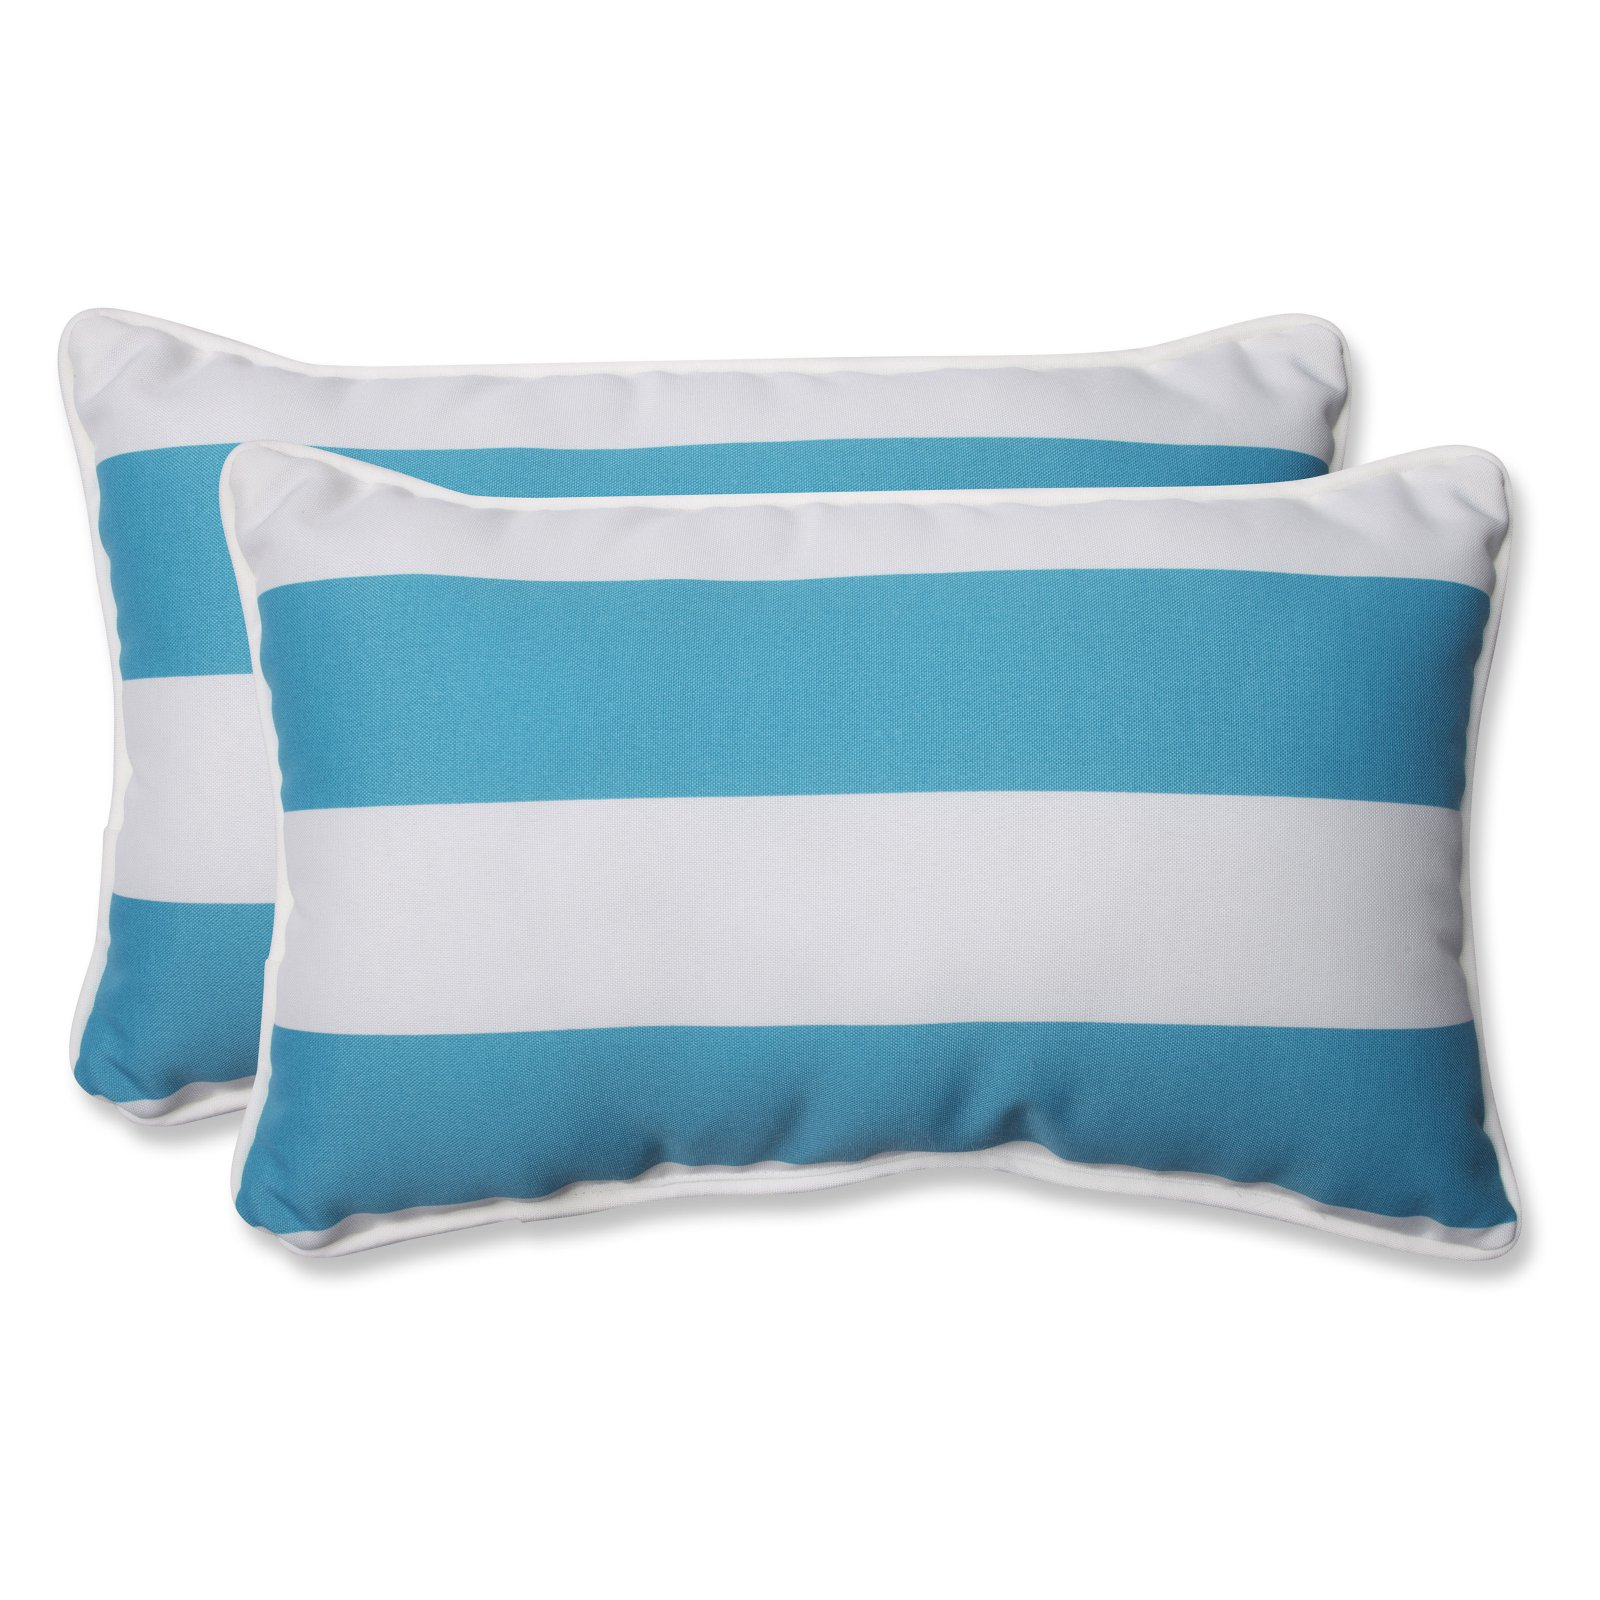 pillow perfect outdoor indoor cabana stripe turquoise rectangular throw pillow set of 2 walmart com